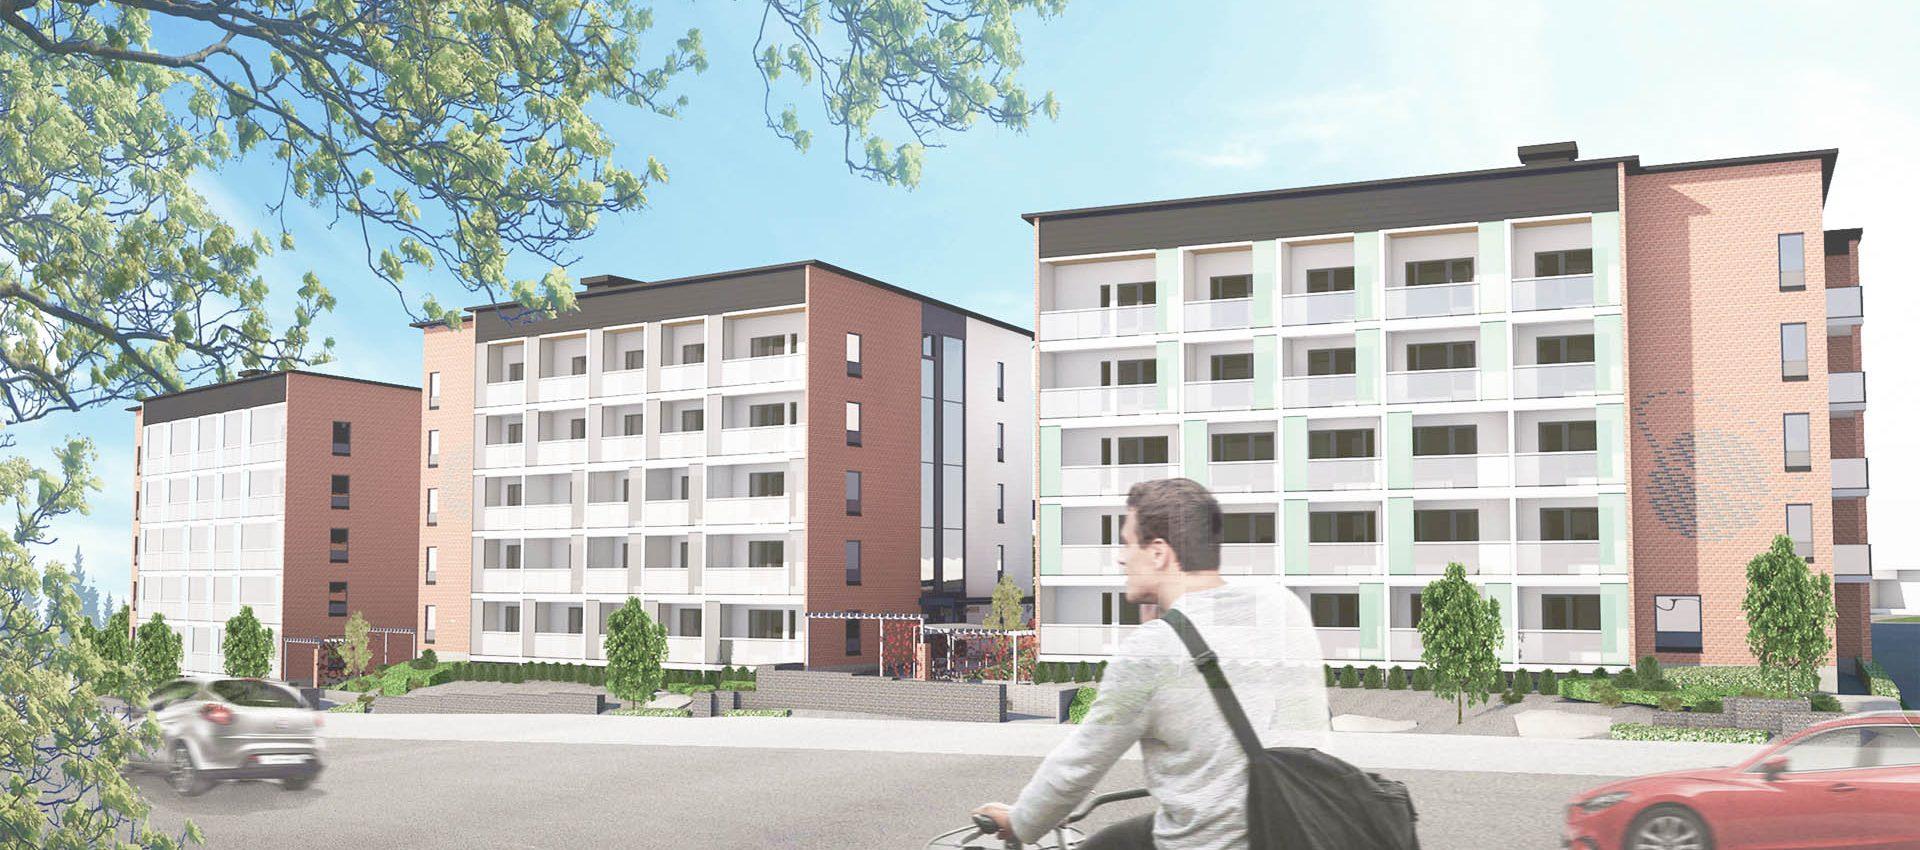 Arkkitehtitoimisto Sevendim - maankäytön ja asuintalojen suunnittelu